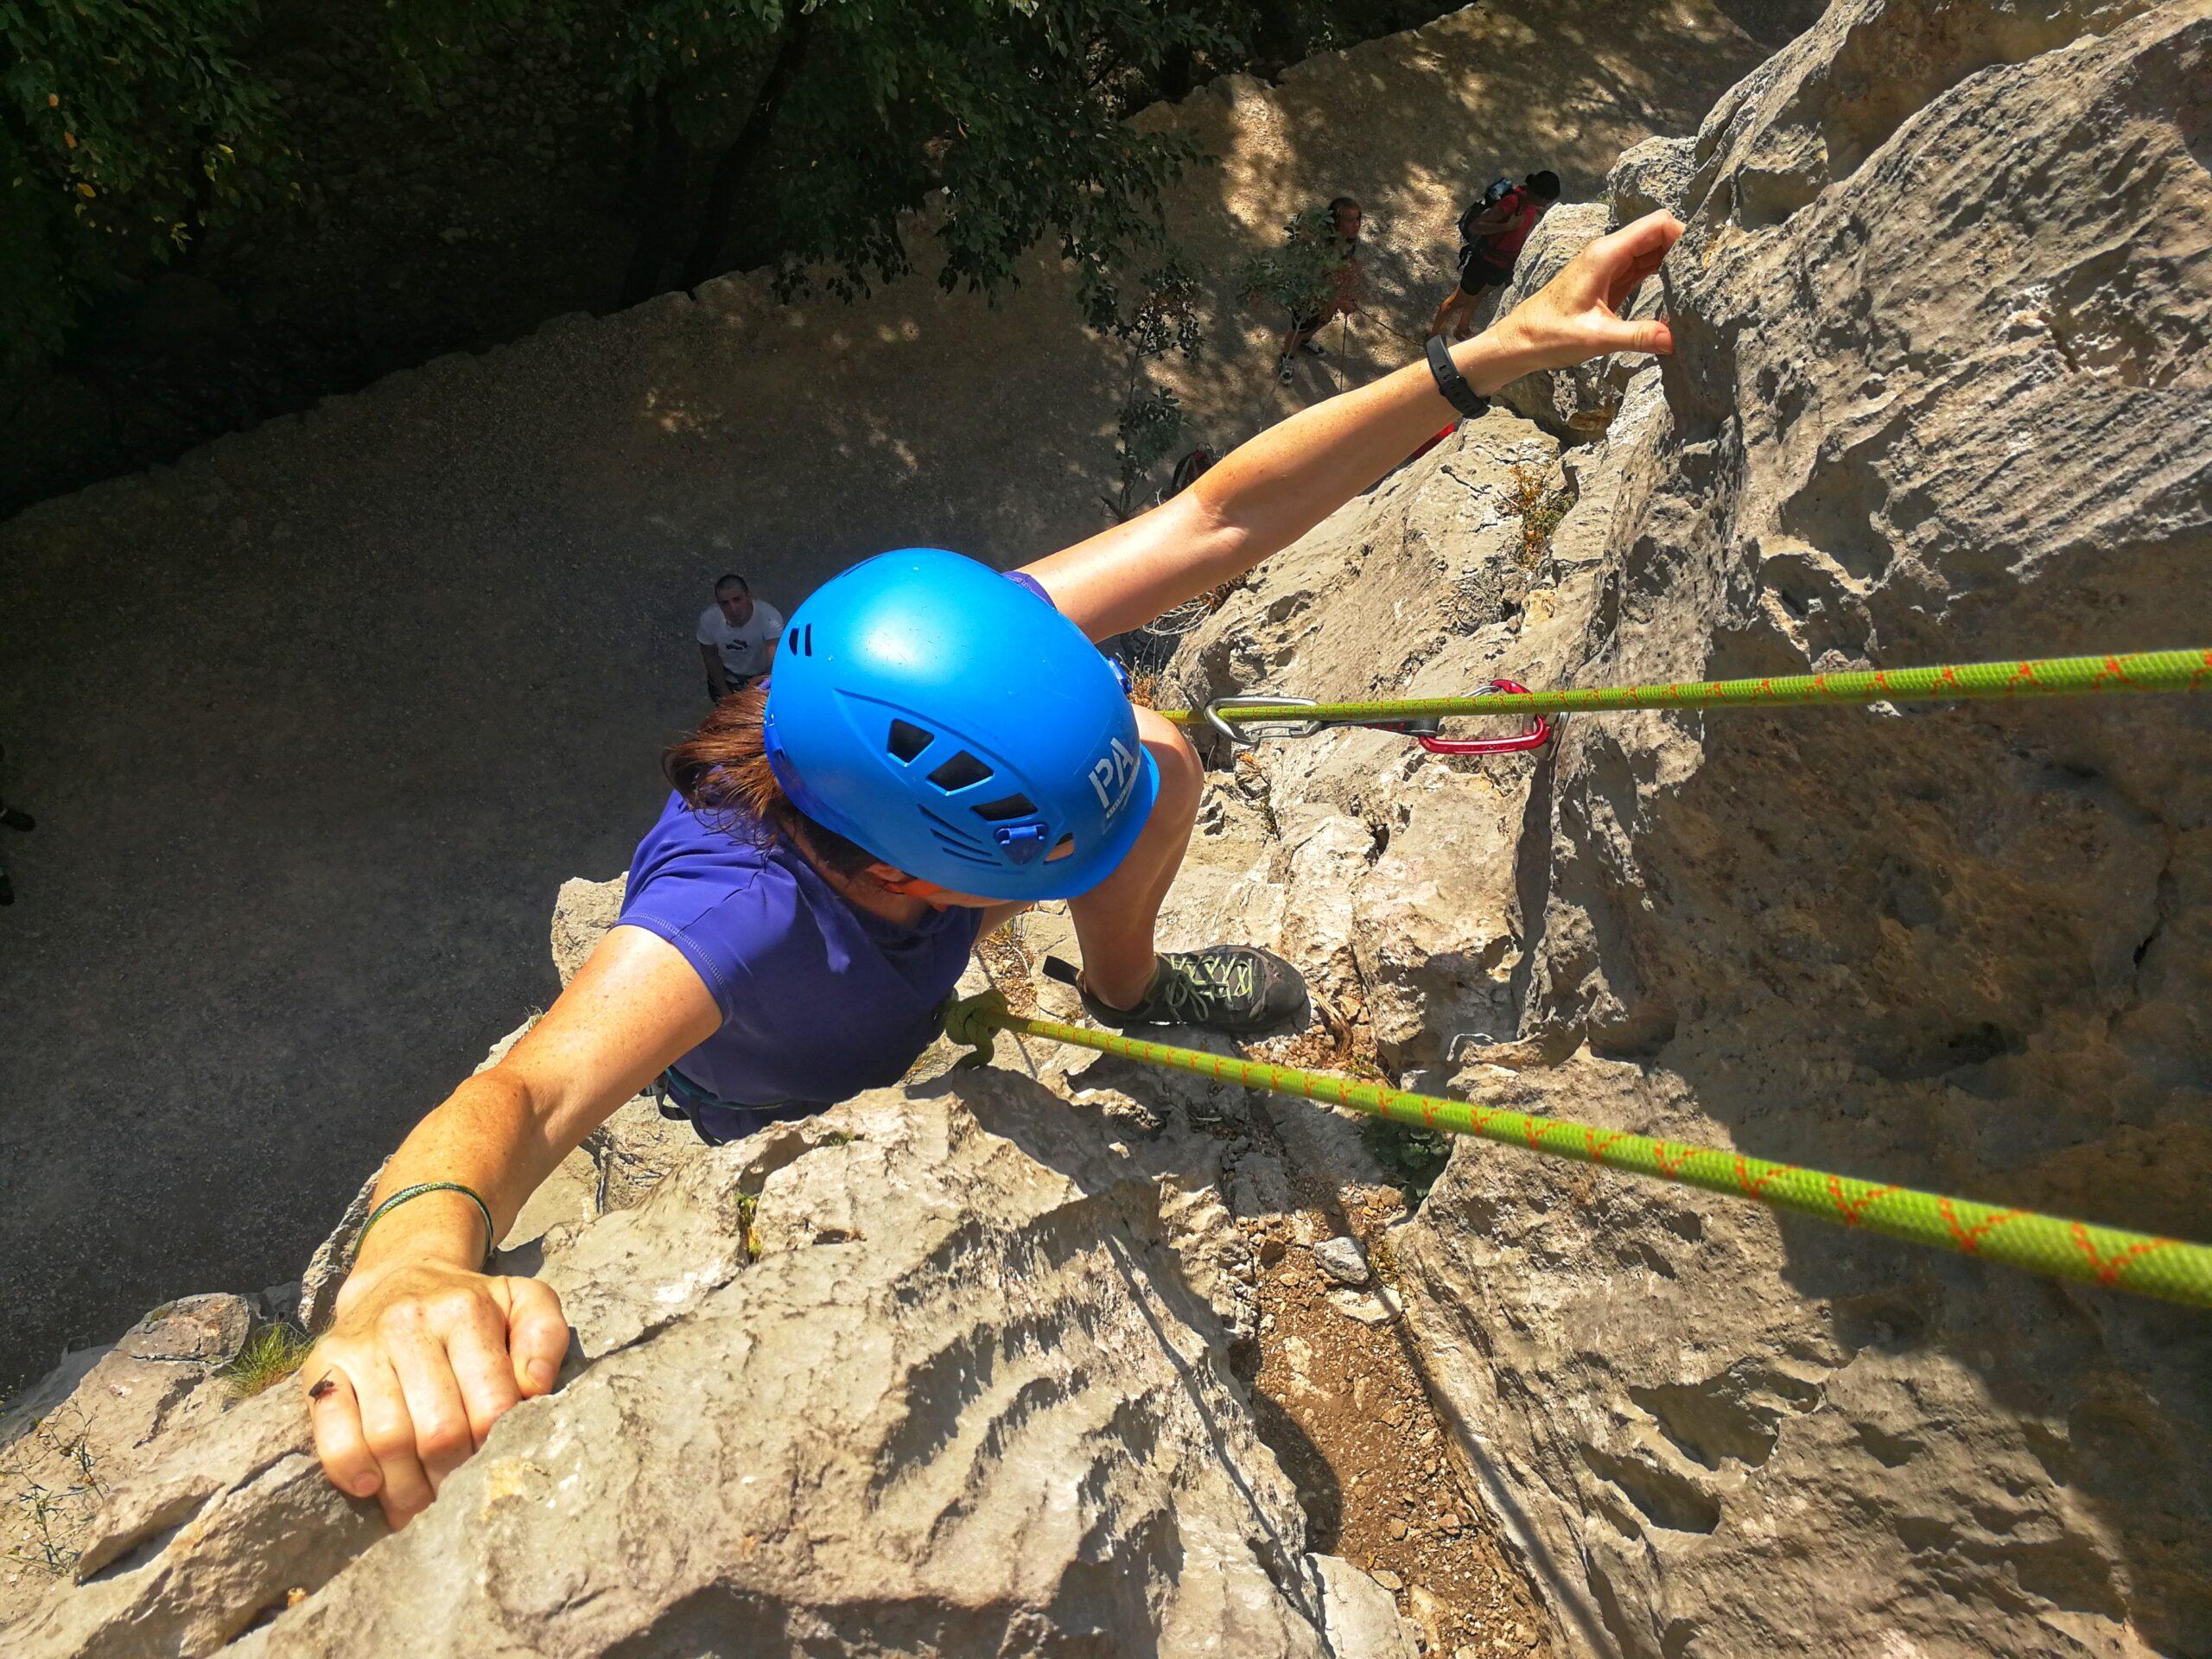 Auch fortgeschrittene Kletterer finden eine Herausforderung.